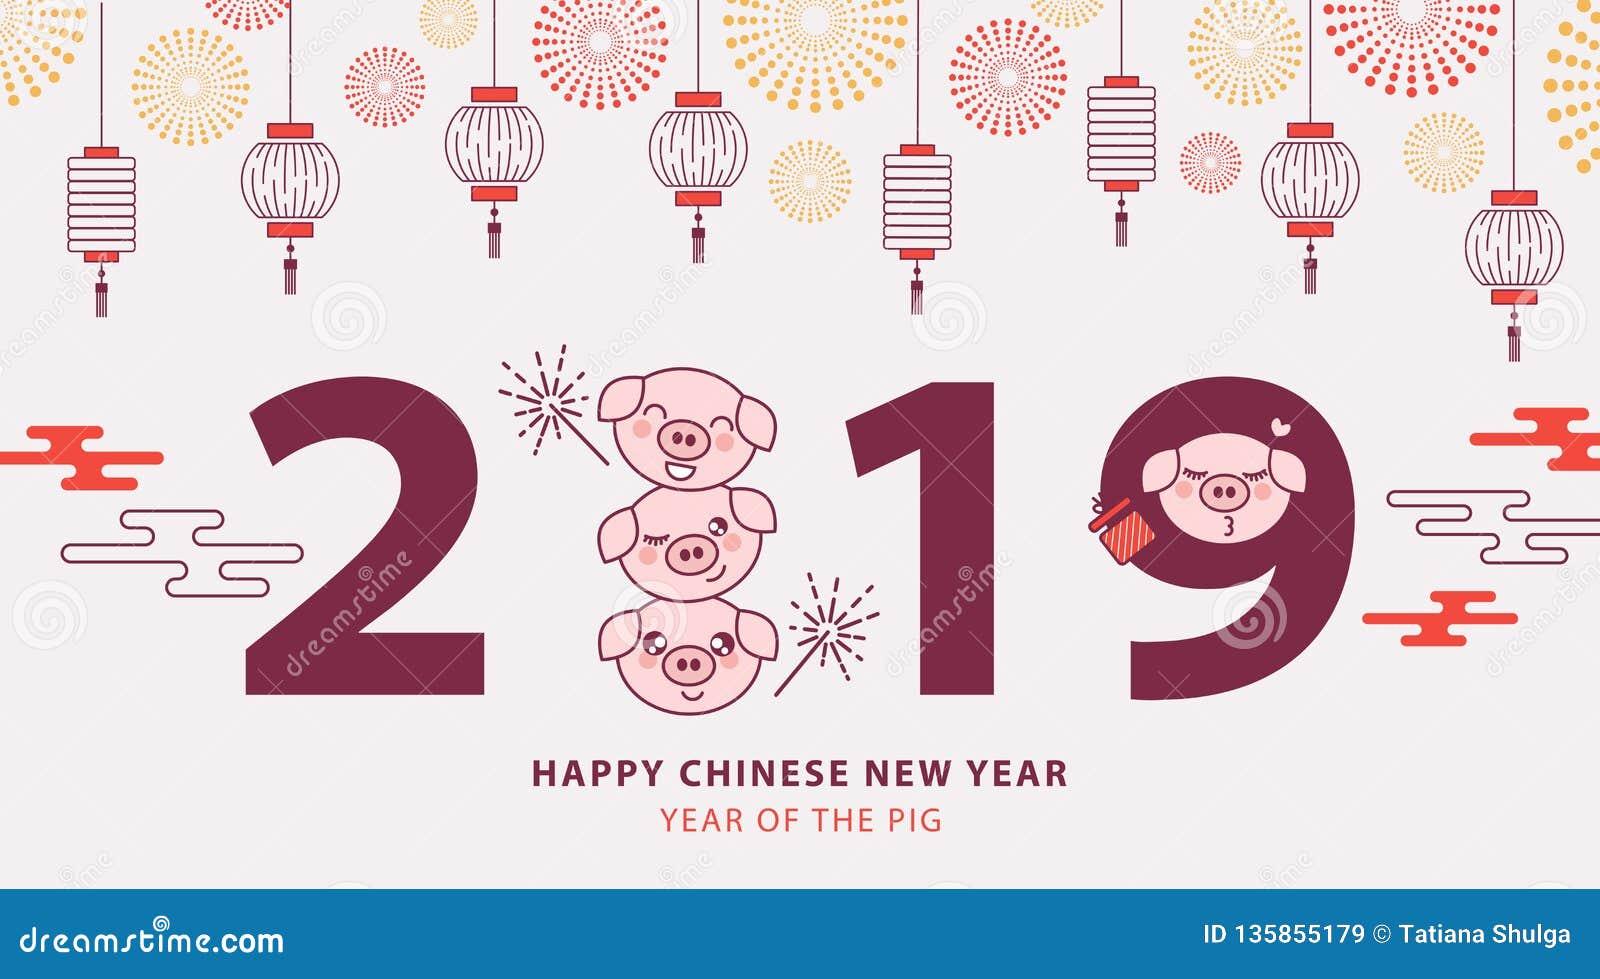 Κινεζικό νέο έμβλημα, αφίσα ή ευχετήρια κάρτα έτους 2019 με τα χαριτωμένα χοιρίδια, τα παραδοσιακά φανάρια και τα πυροτεχνήματα